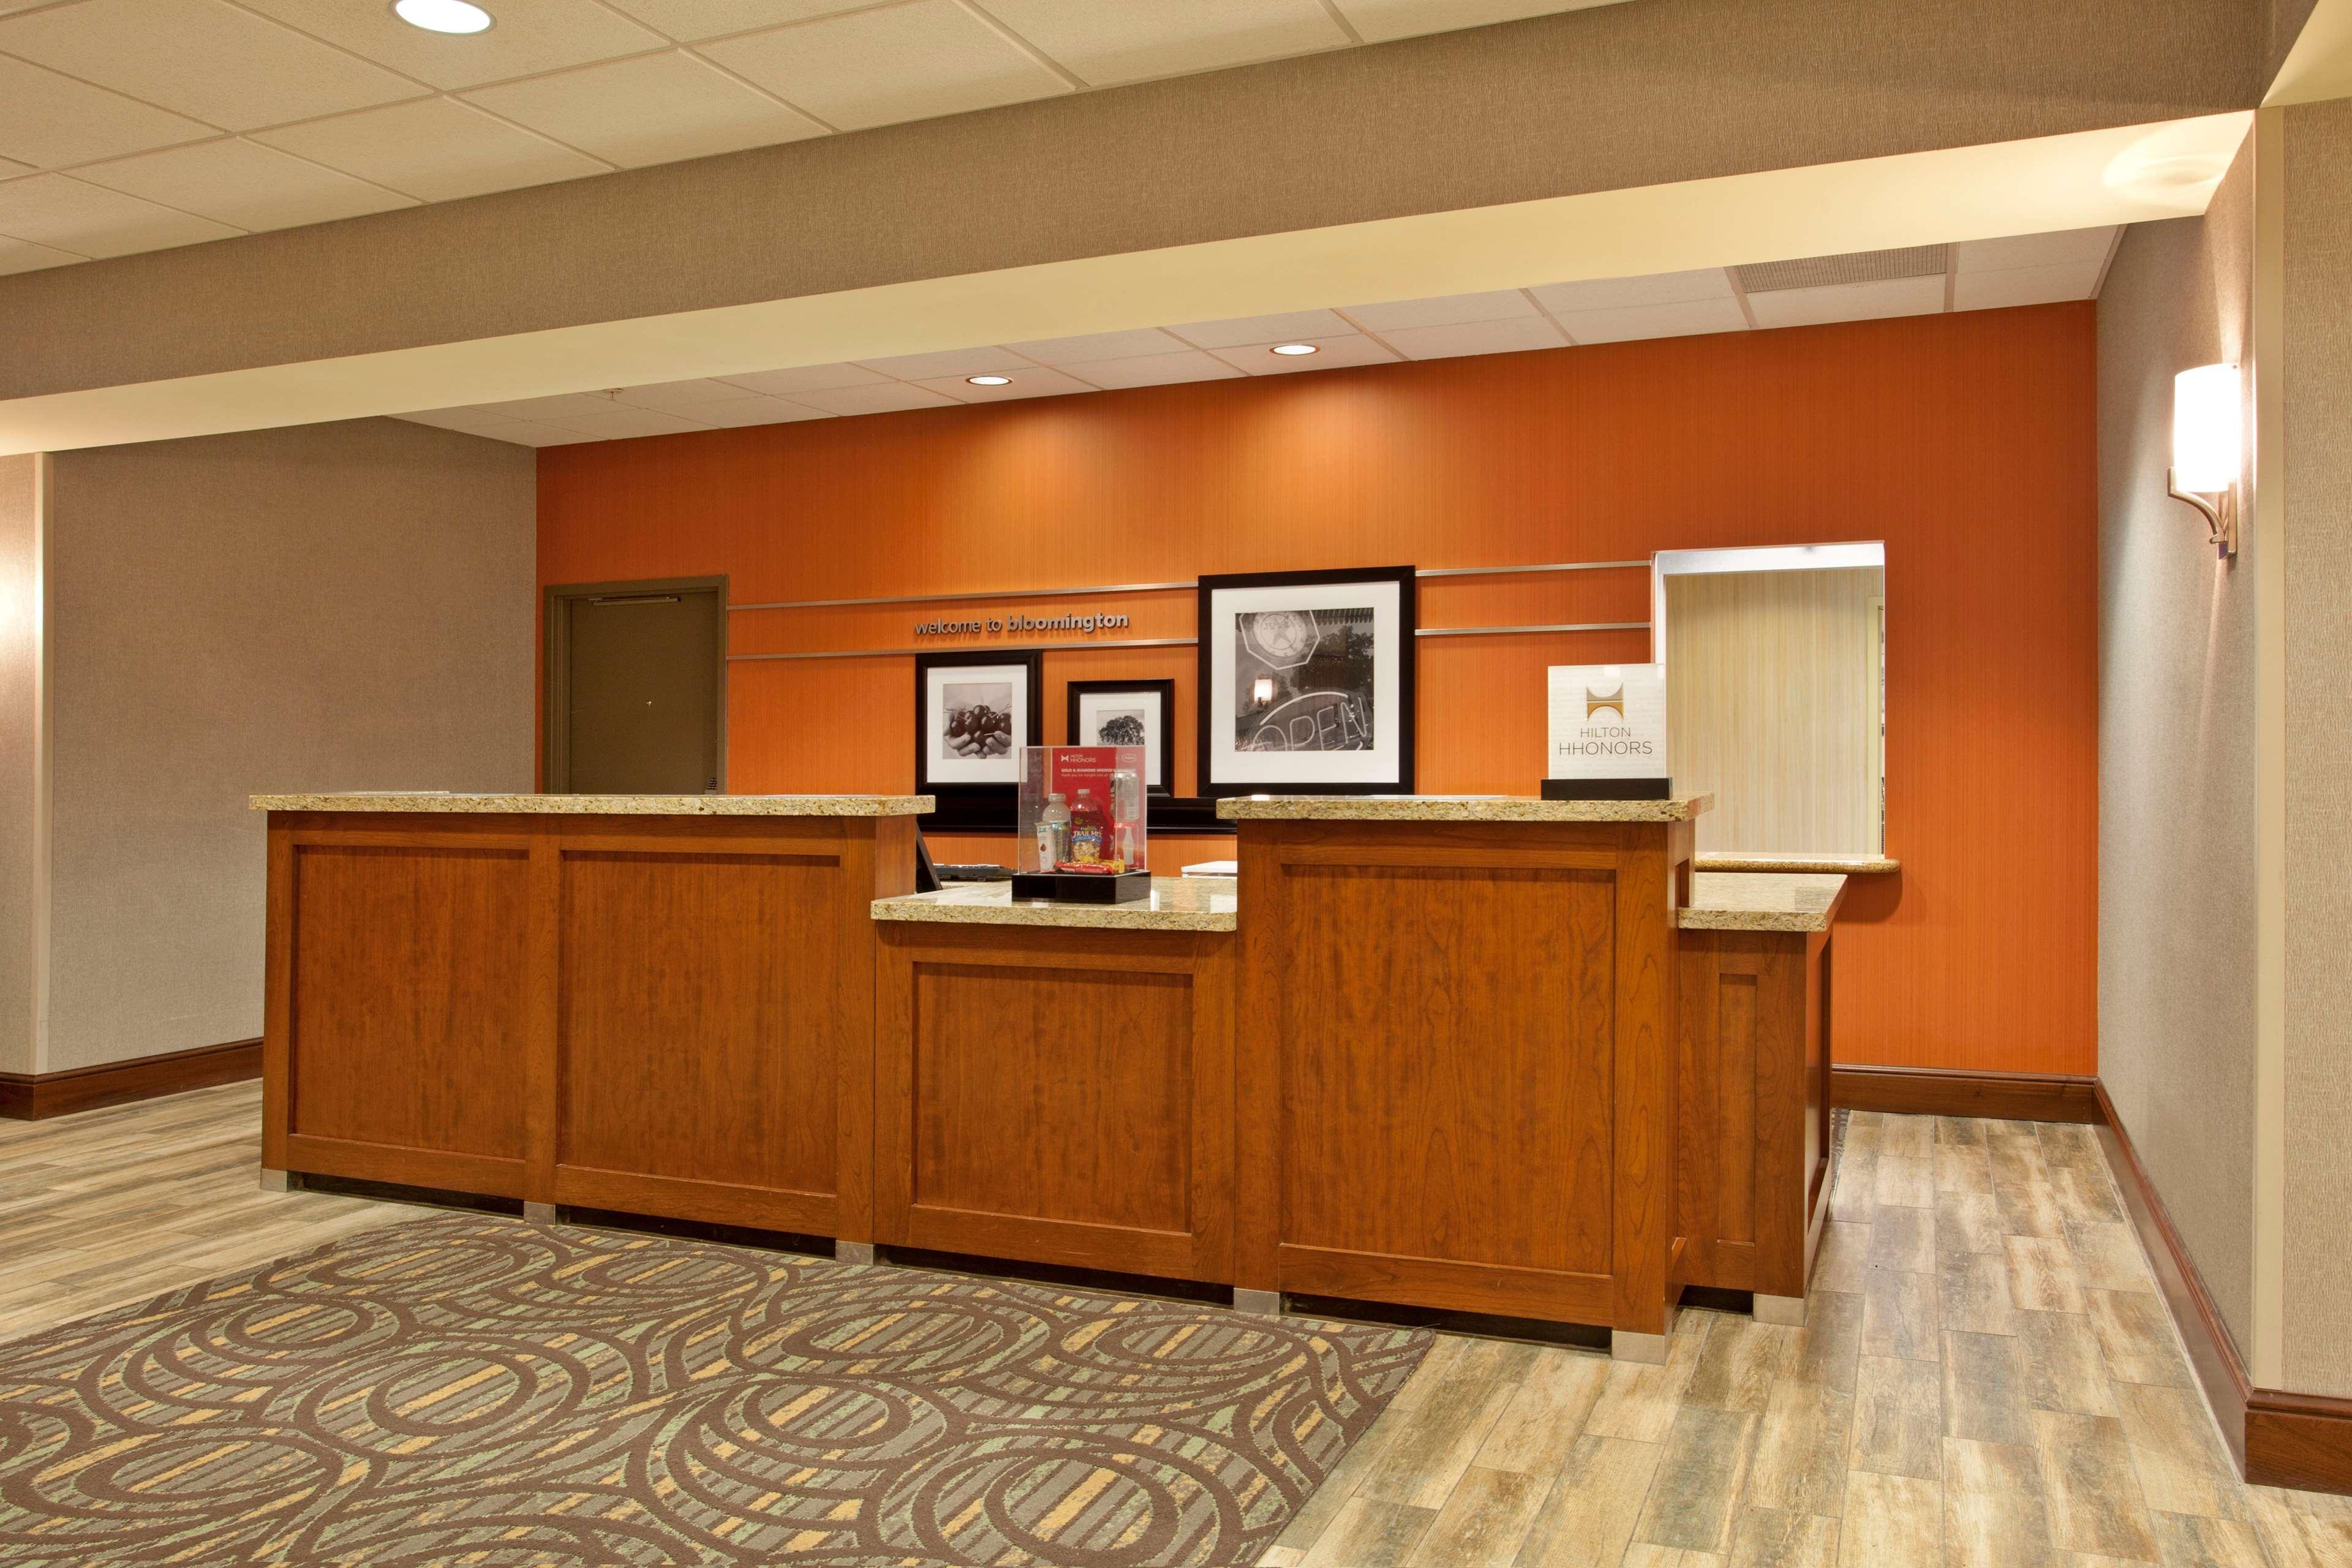 Hampton Inn Suites Minneapolis St Paul Arpt-Mall of America image 1